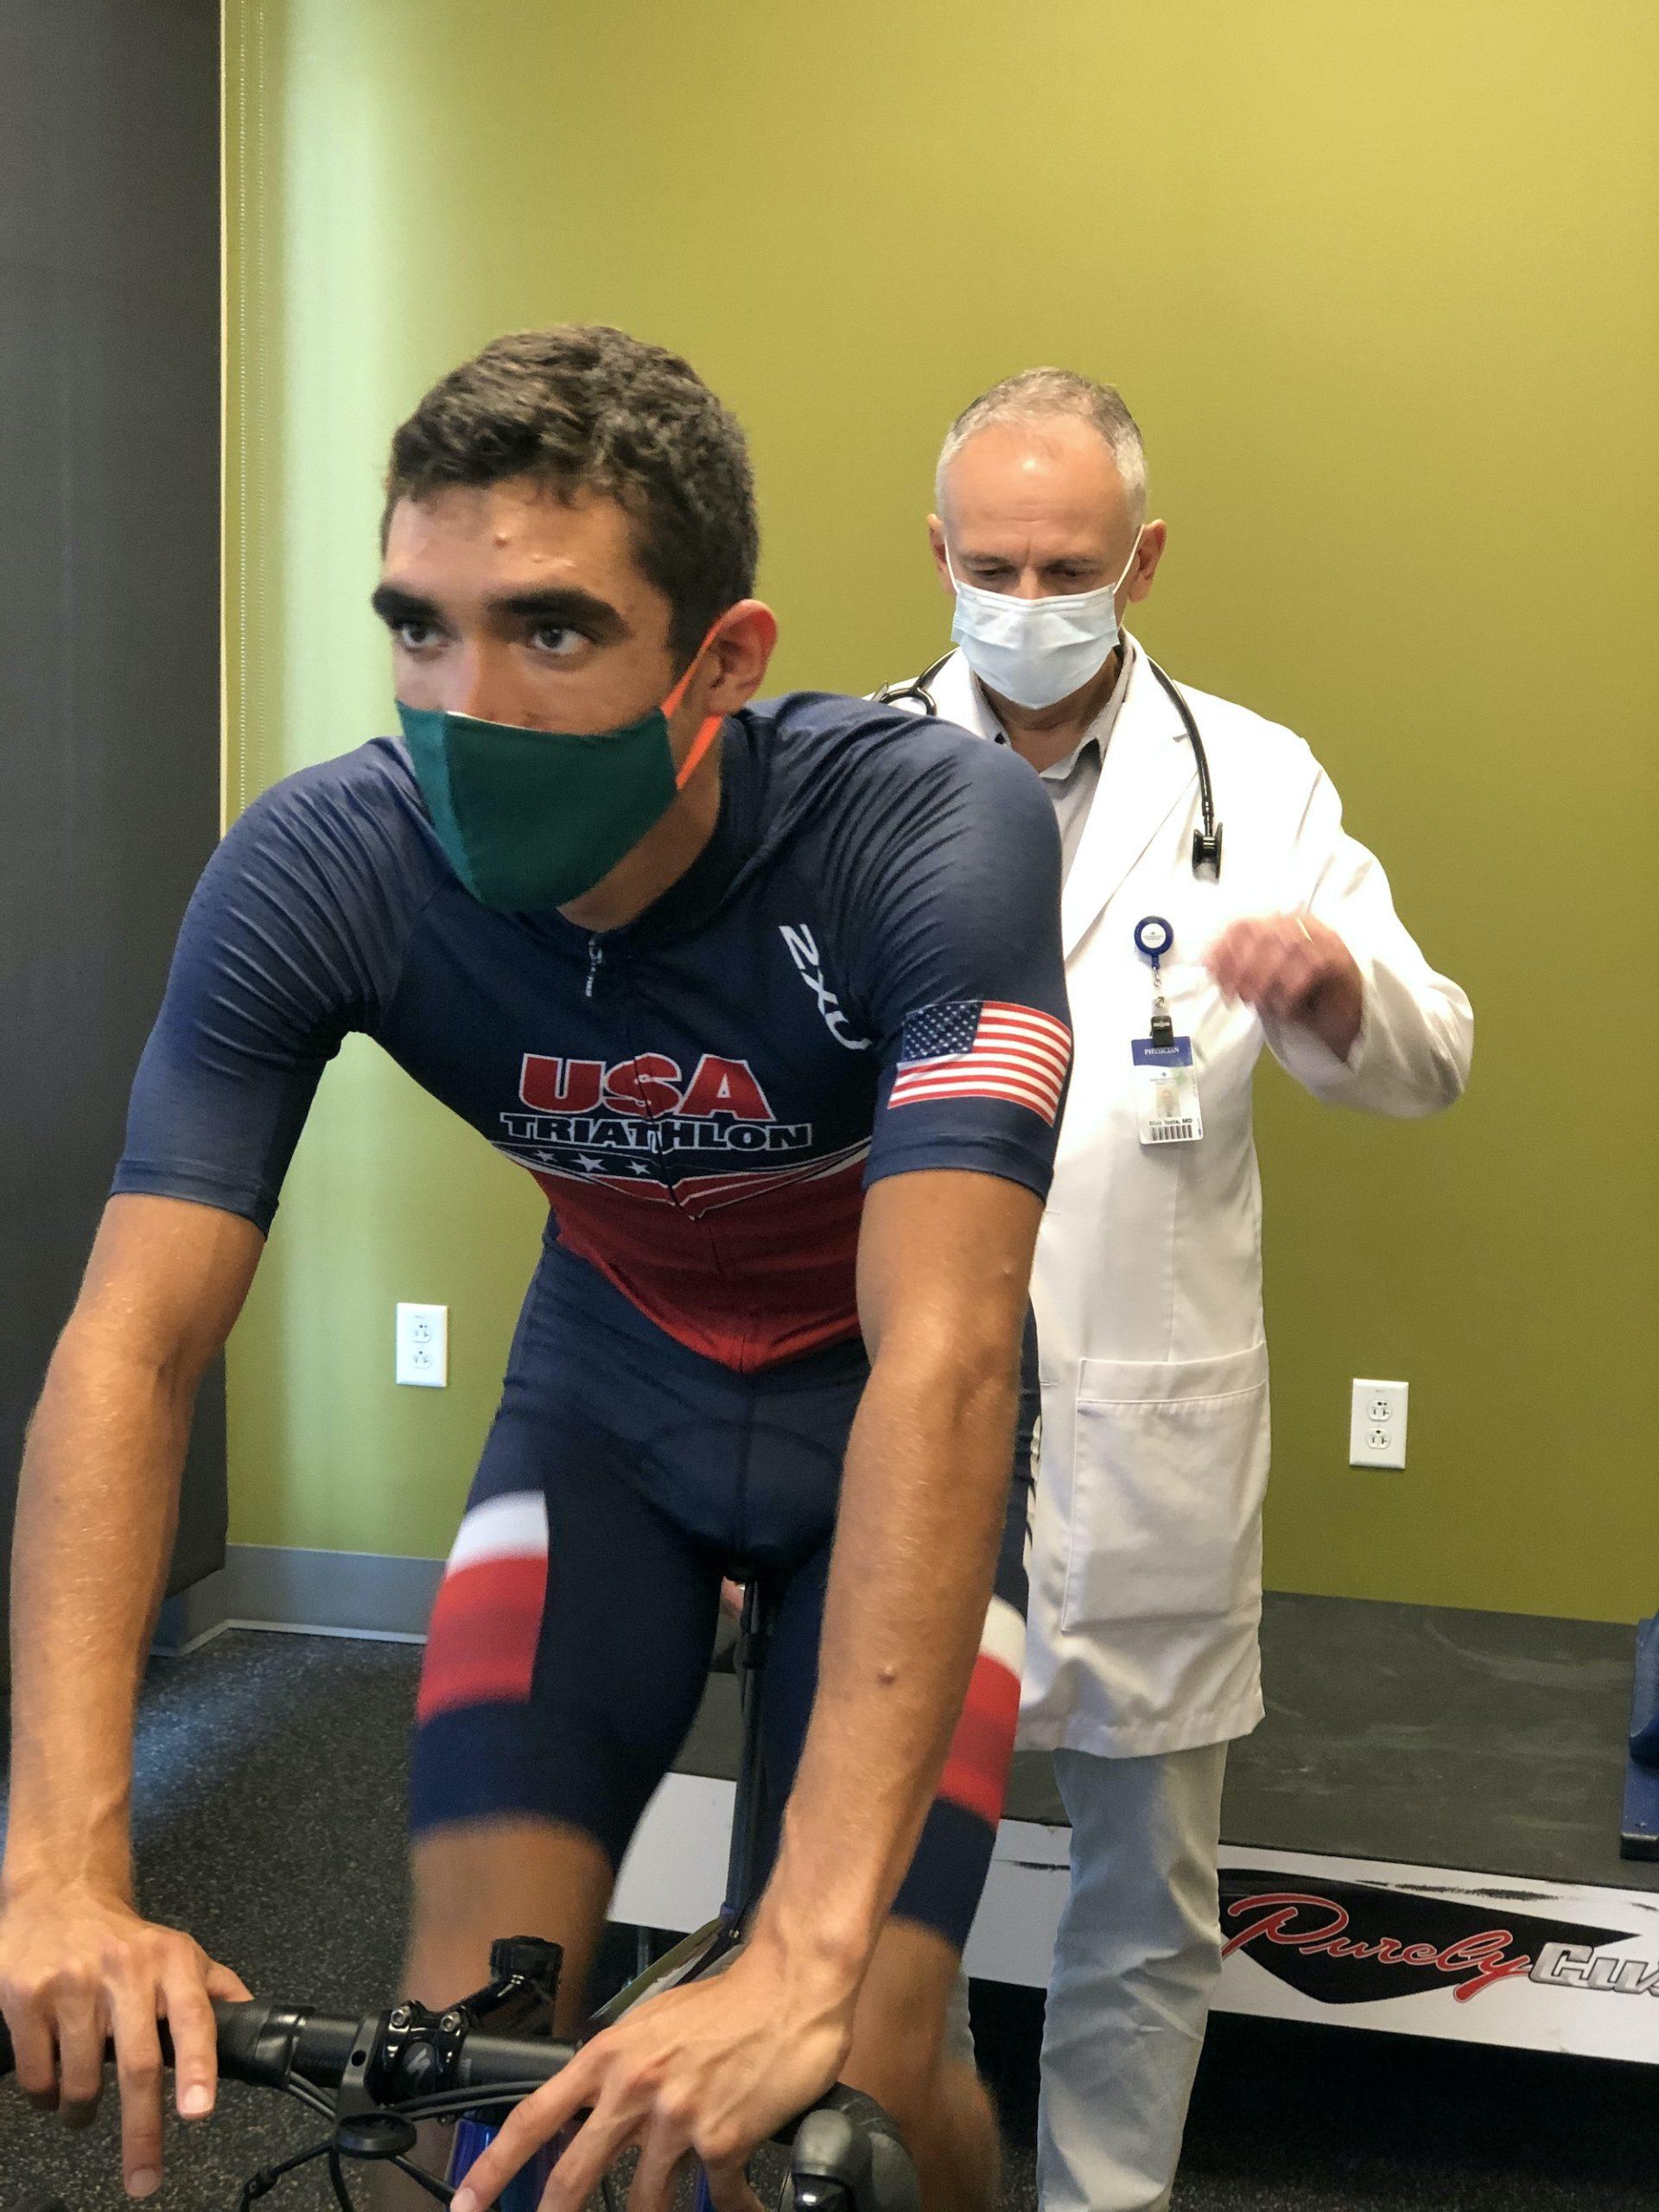 Dr. Max Testa working with USA Triathlon athlete Luis Ortiz. Photo courtesy Intermountain Healthcare